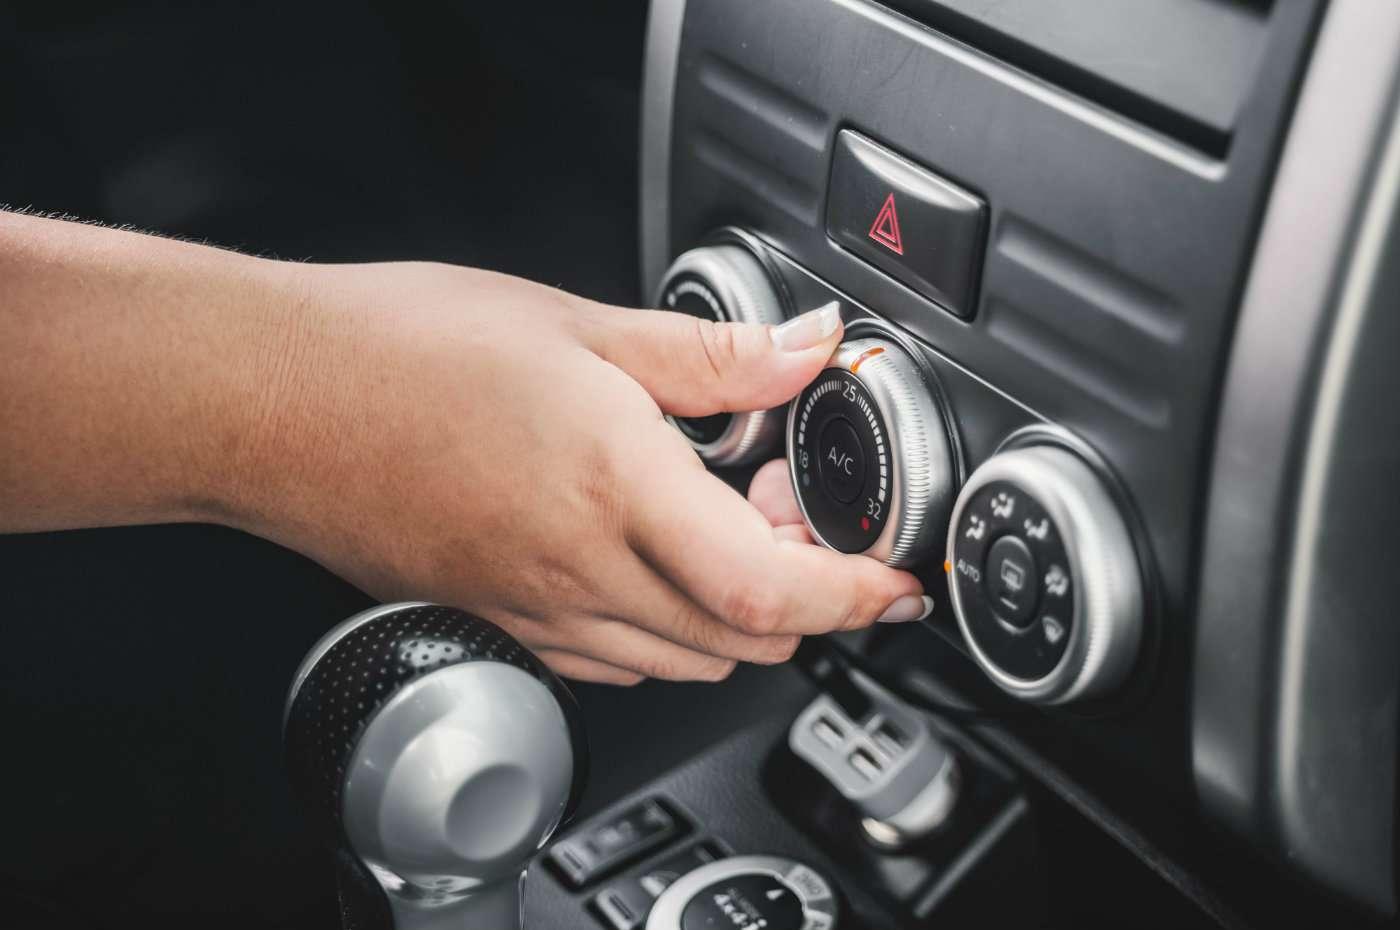 Cómo evitar que el aire acondicionado gaste demasiado combustible